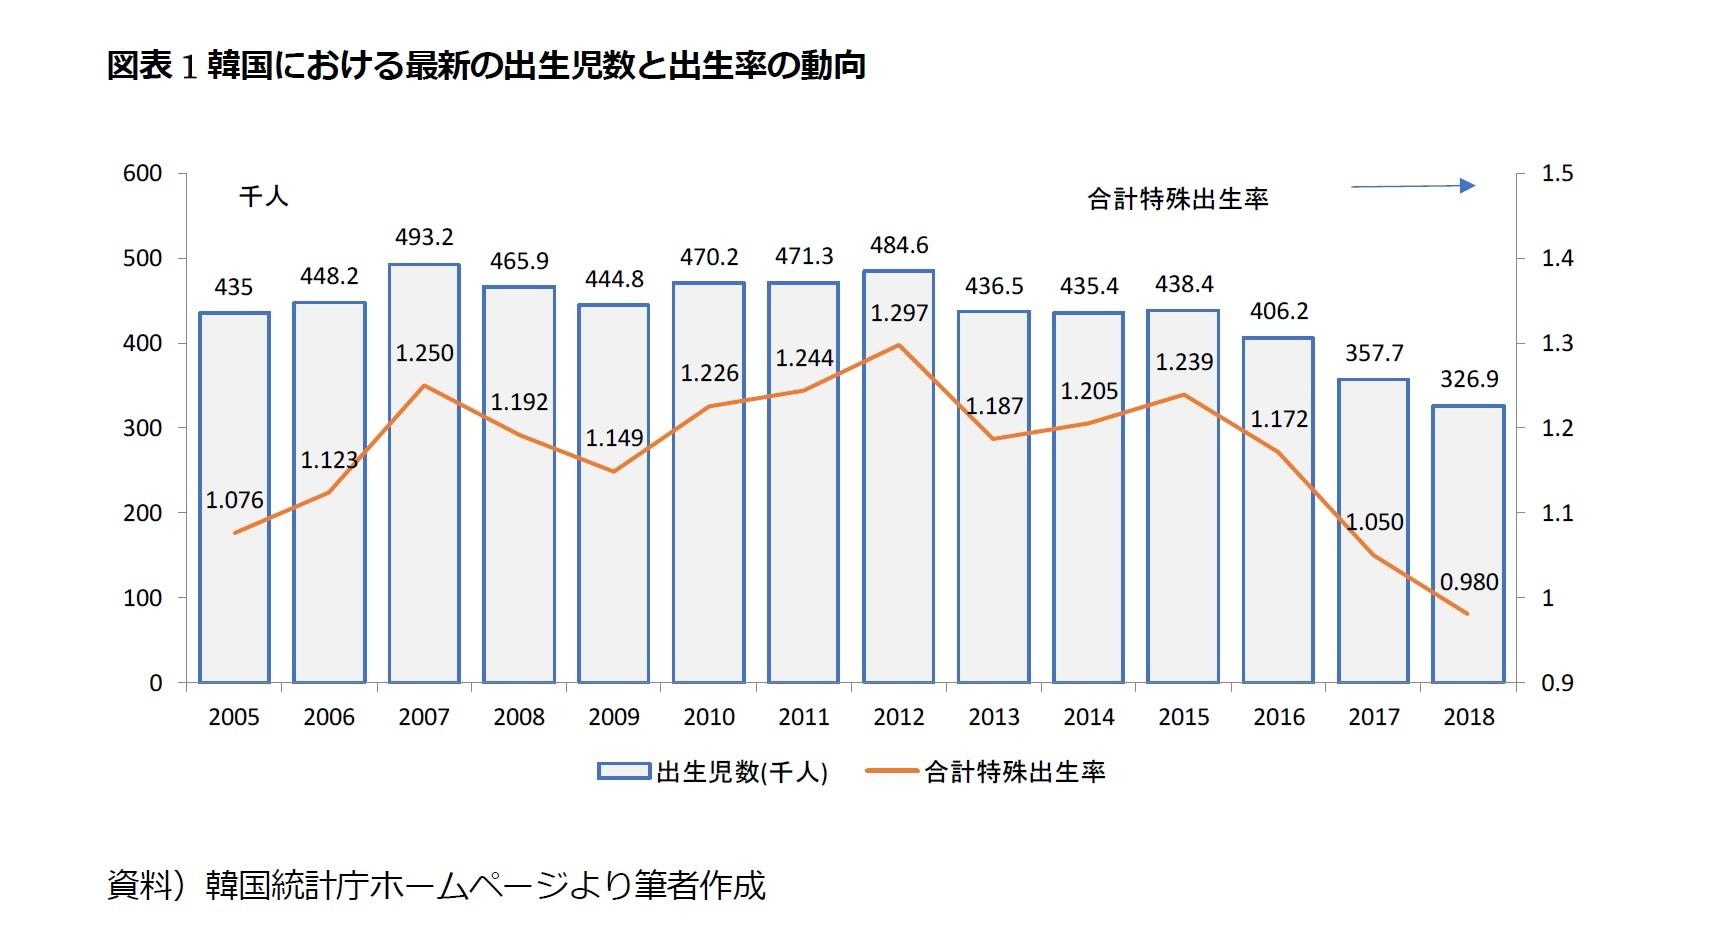 韓国の合計特殊出生率、ついに1を切る | ニッセイ基礎研究所